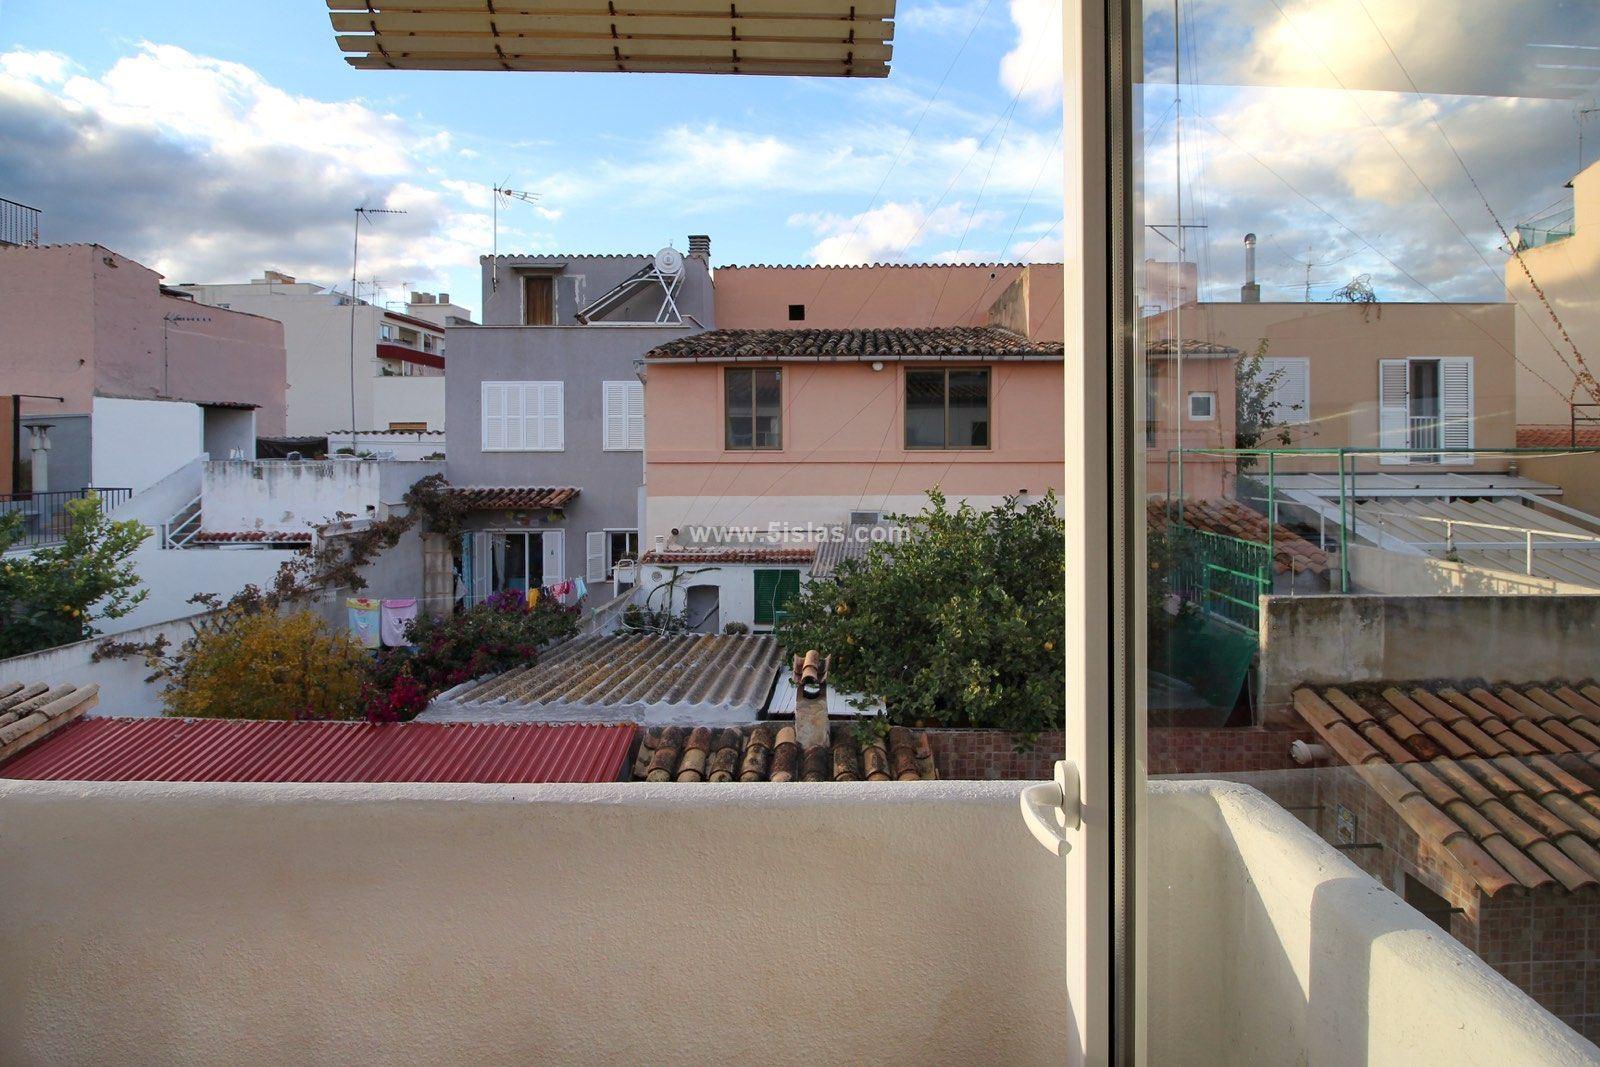 atico son españolet con terraza privada en azotea